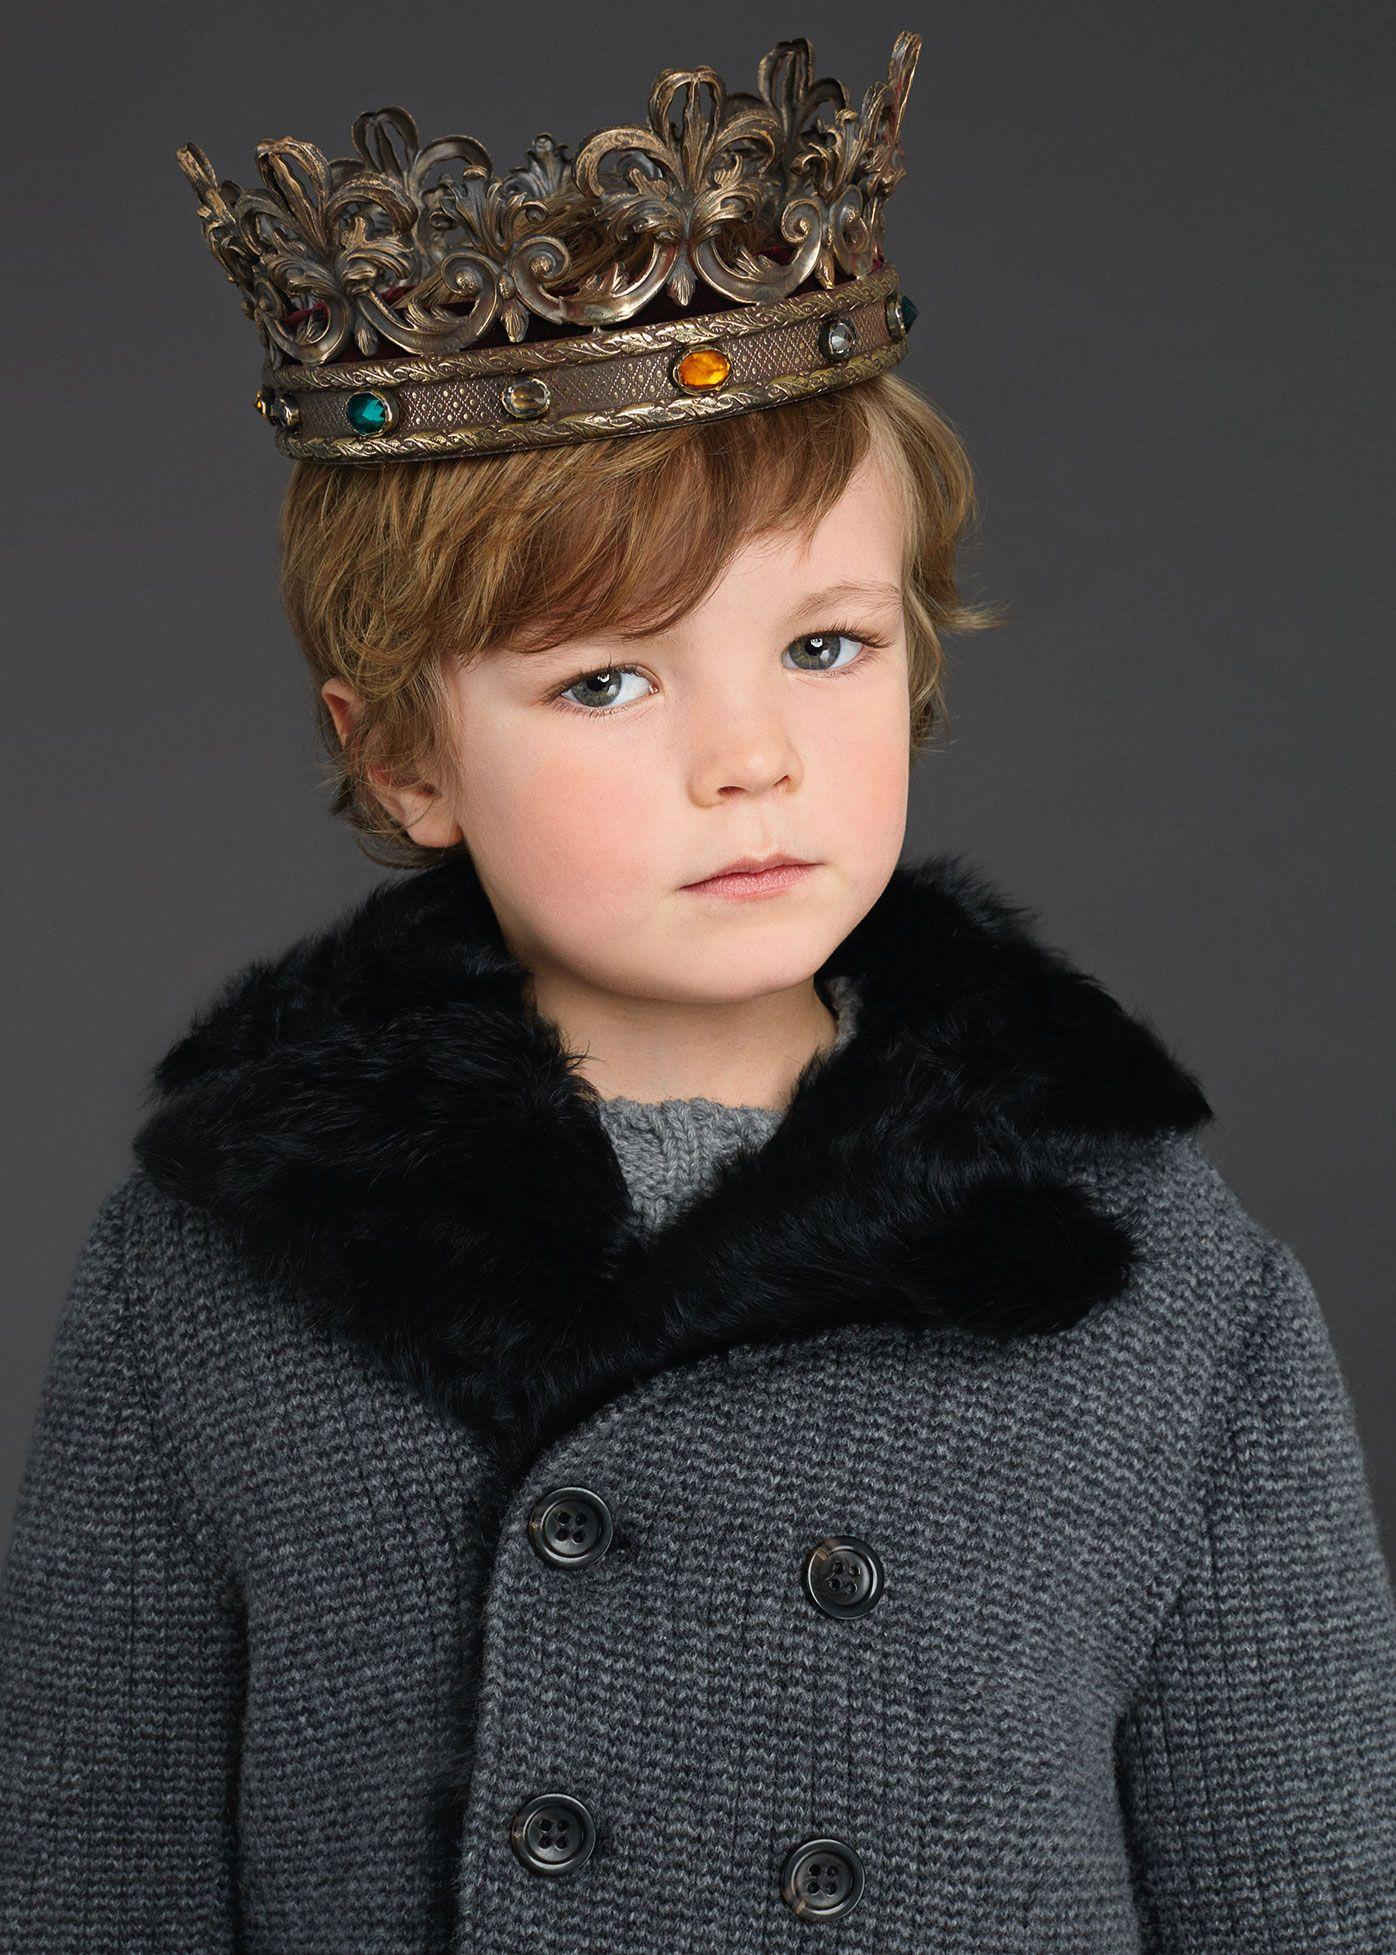 Dolce   Gabbana Collezione Bambini Inverno 2016 Moda Per Bambini Ai Primi  Passi b1e585a1806